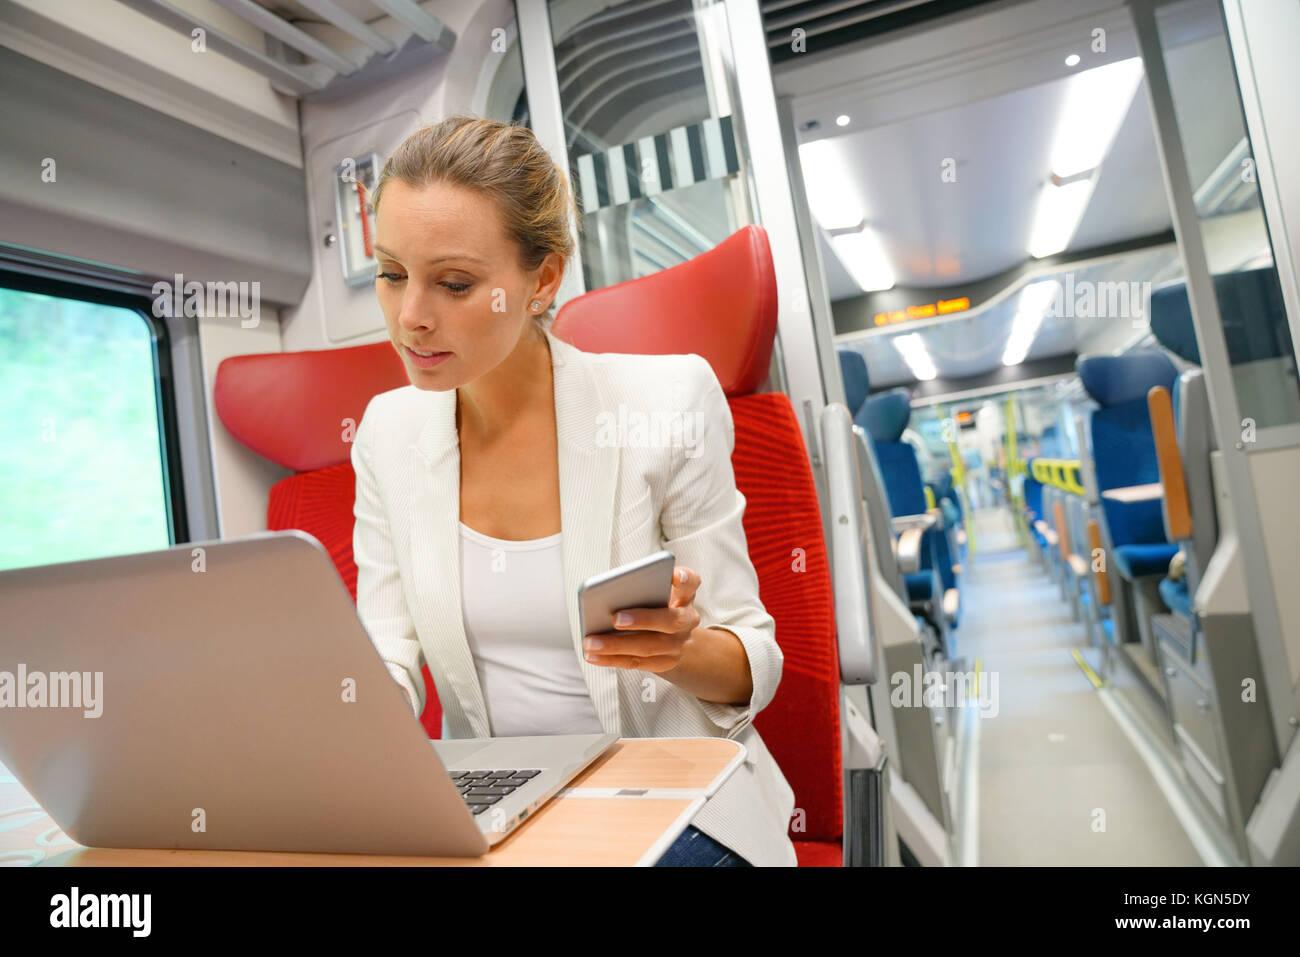 Businesswoman en train de travailler sur ordinateur portable et parlant au téléphone Photo Stock